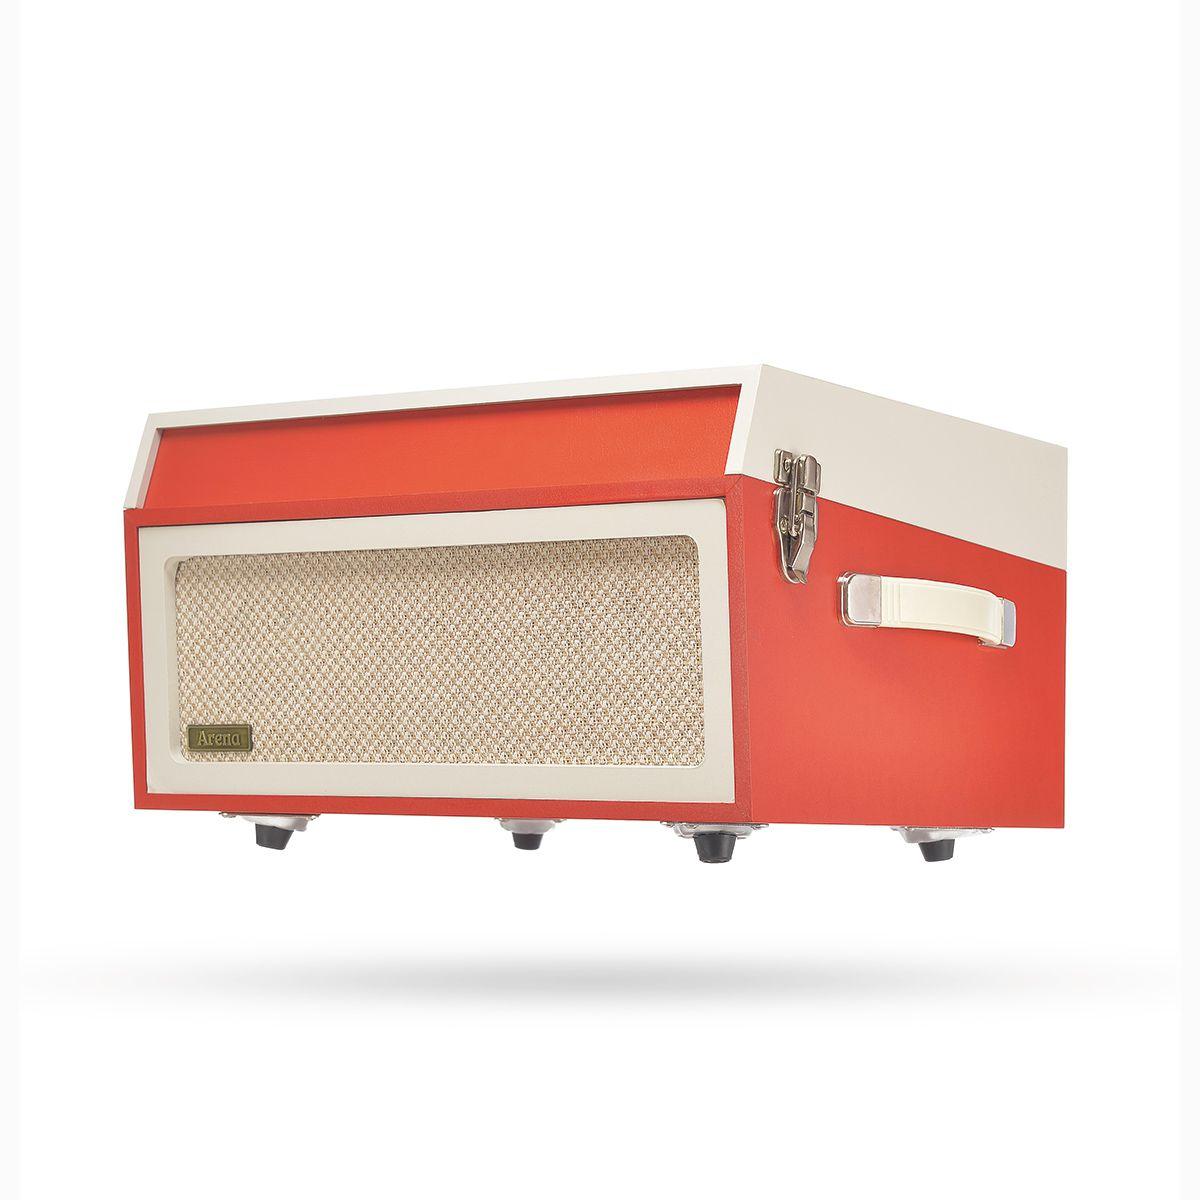 Vitrola Raveo Arena na cor Red e creme com Selo Anatel Toca-Discos, FM, BT E USB